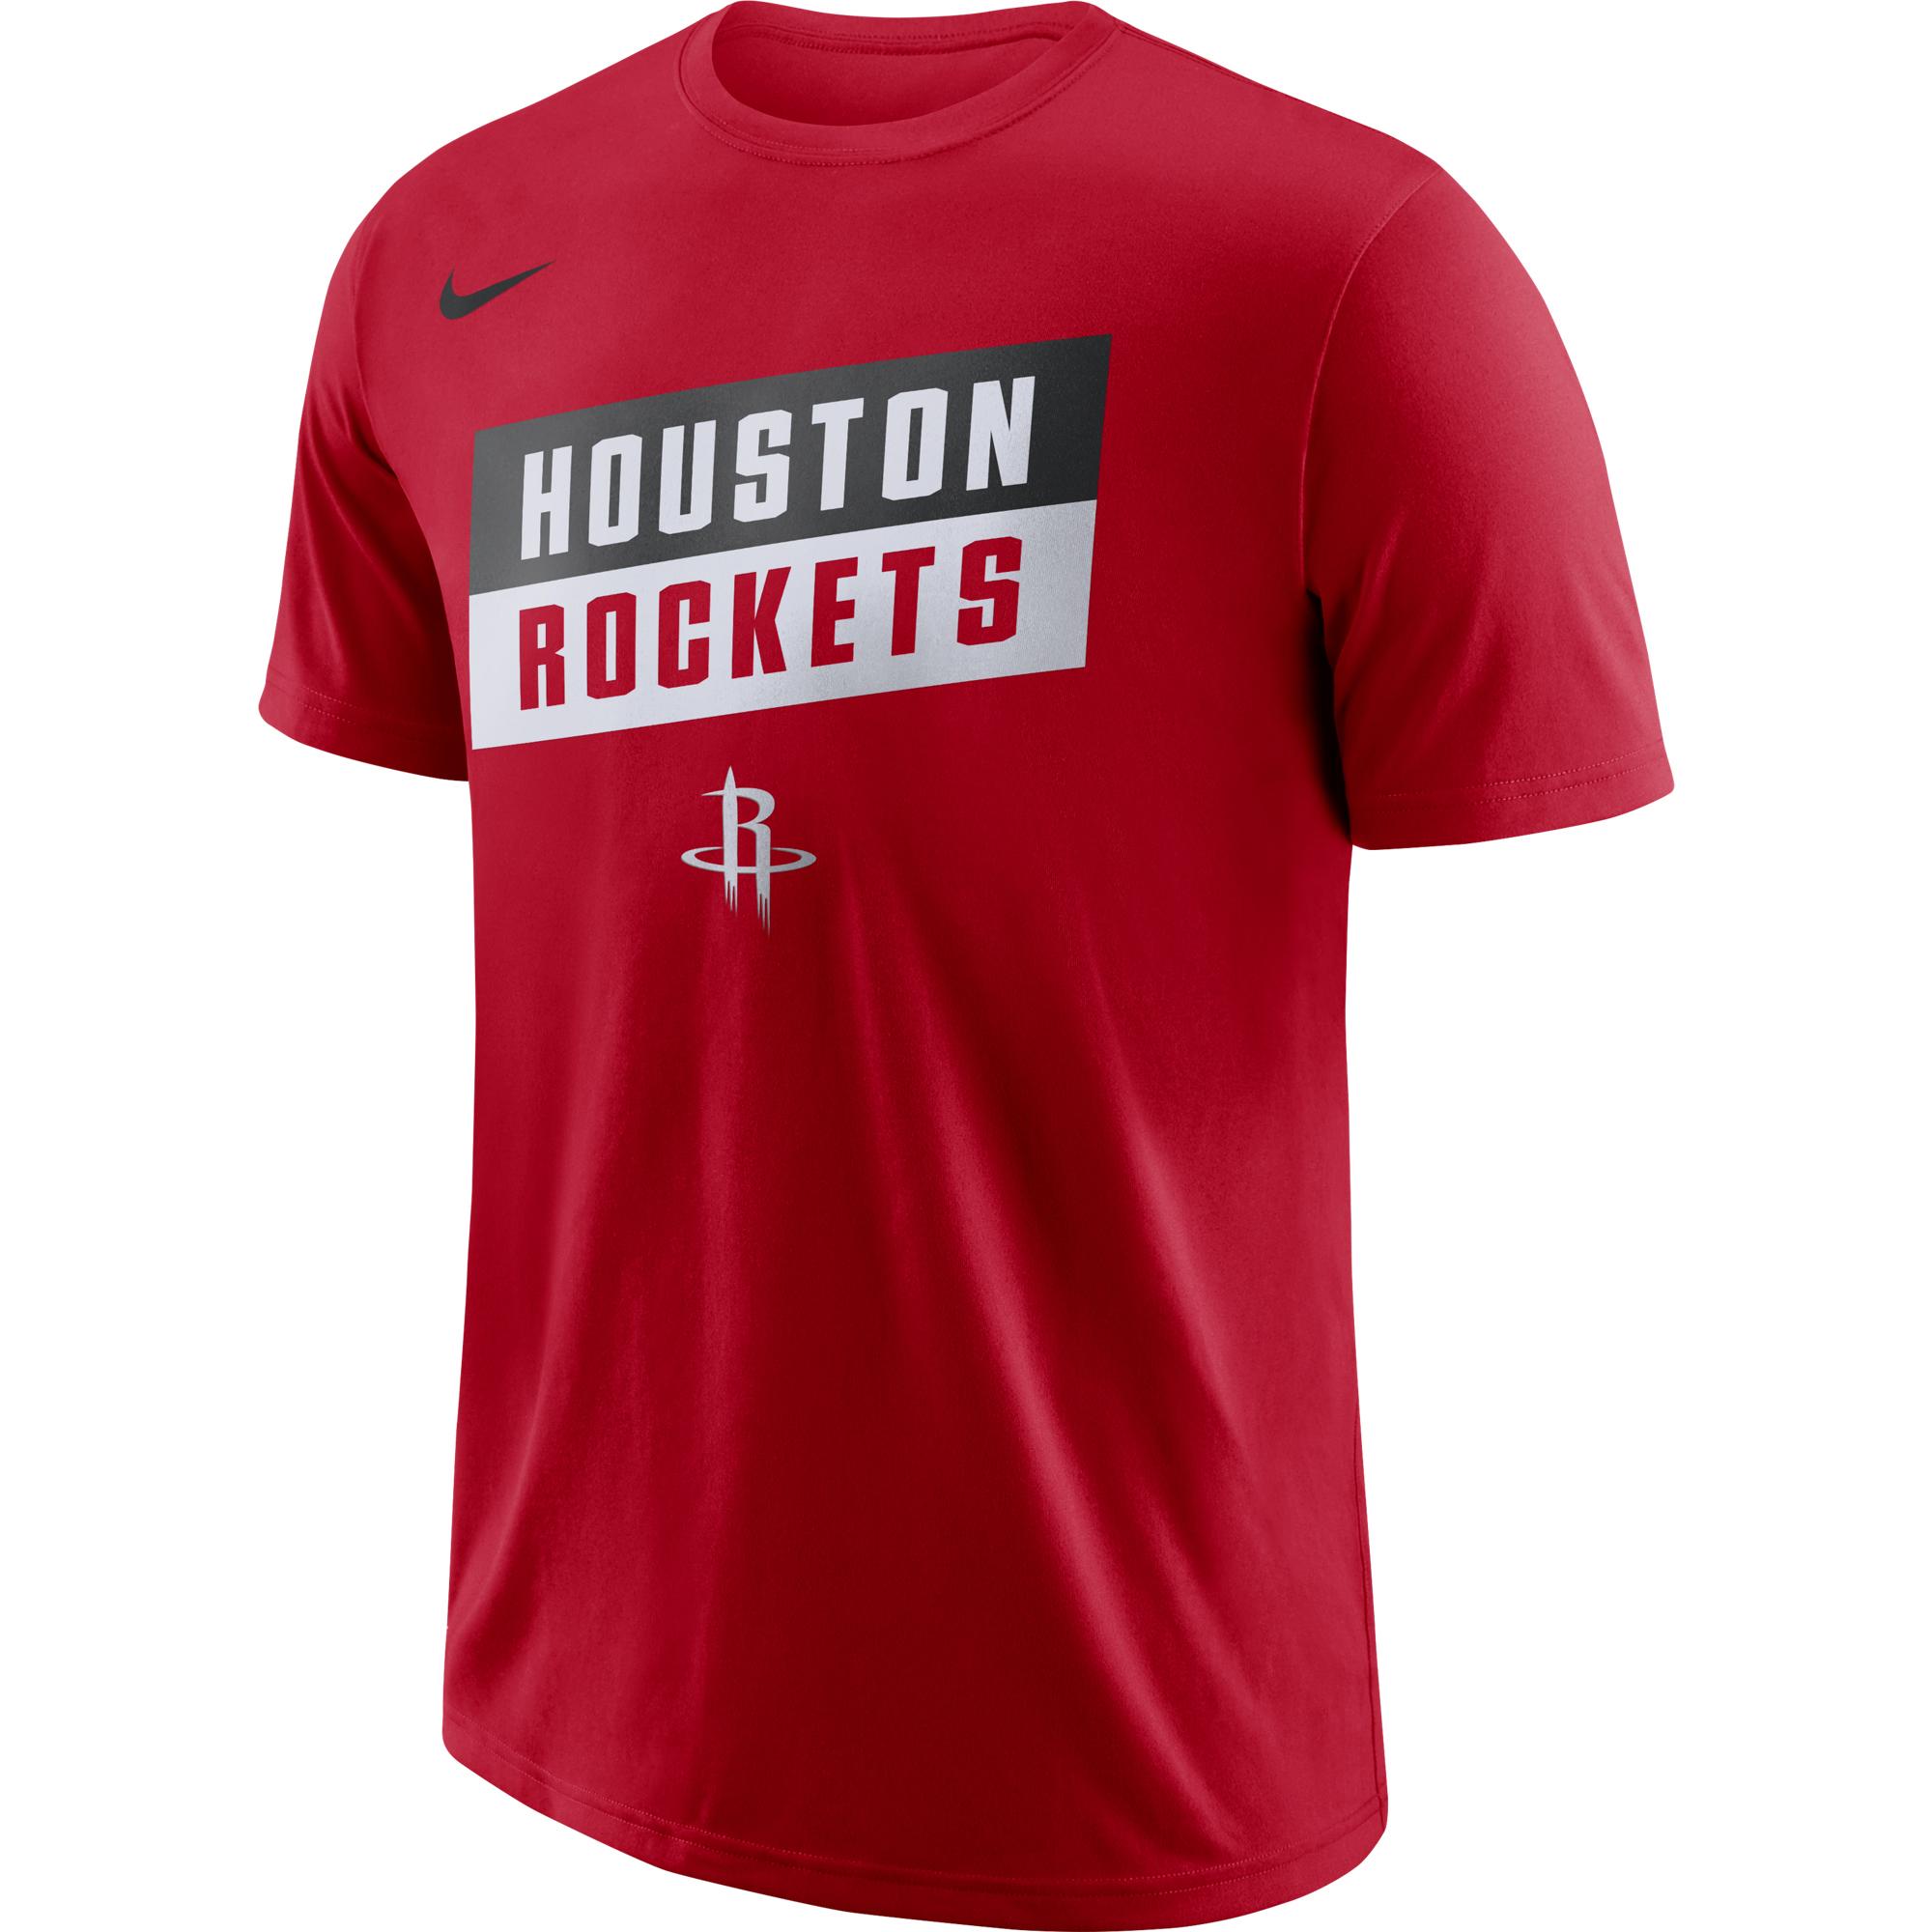 Camiseta Nike Stock Team de los Houston Rockets para hombre